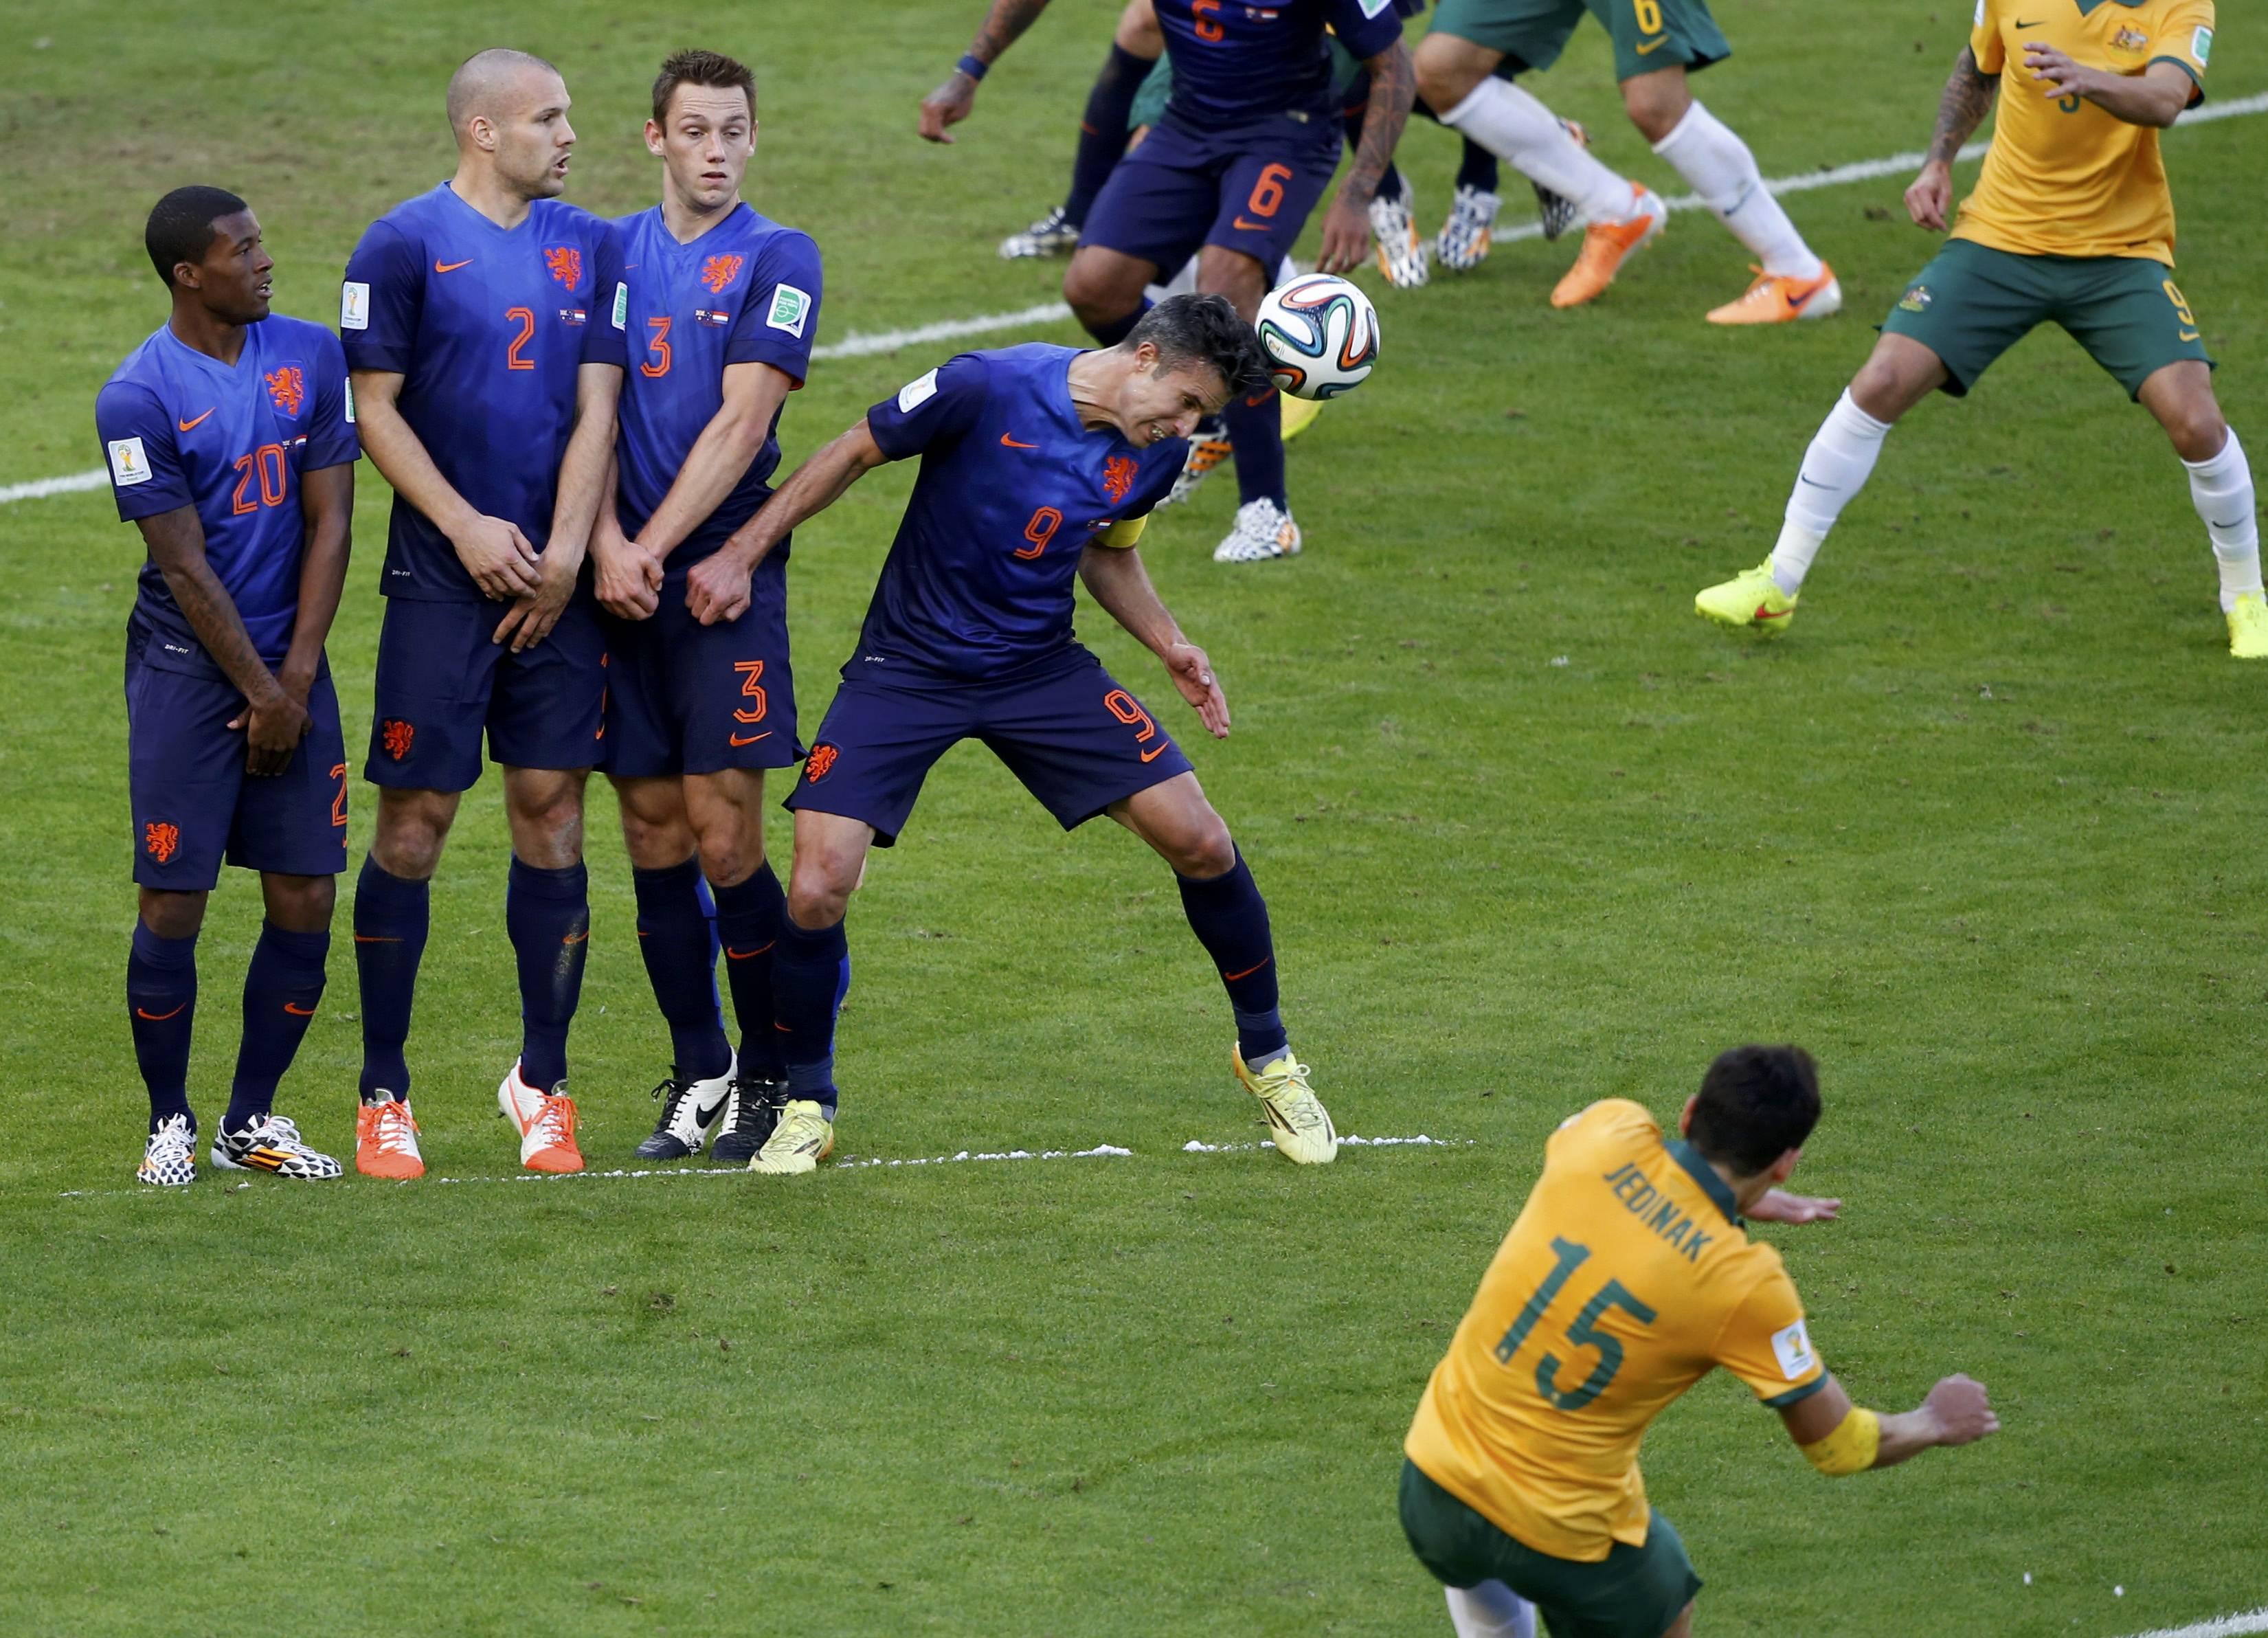 видео футбол испания против австралии даст